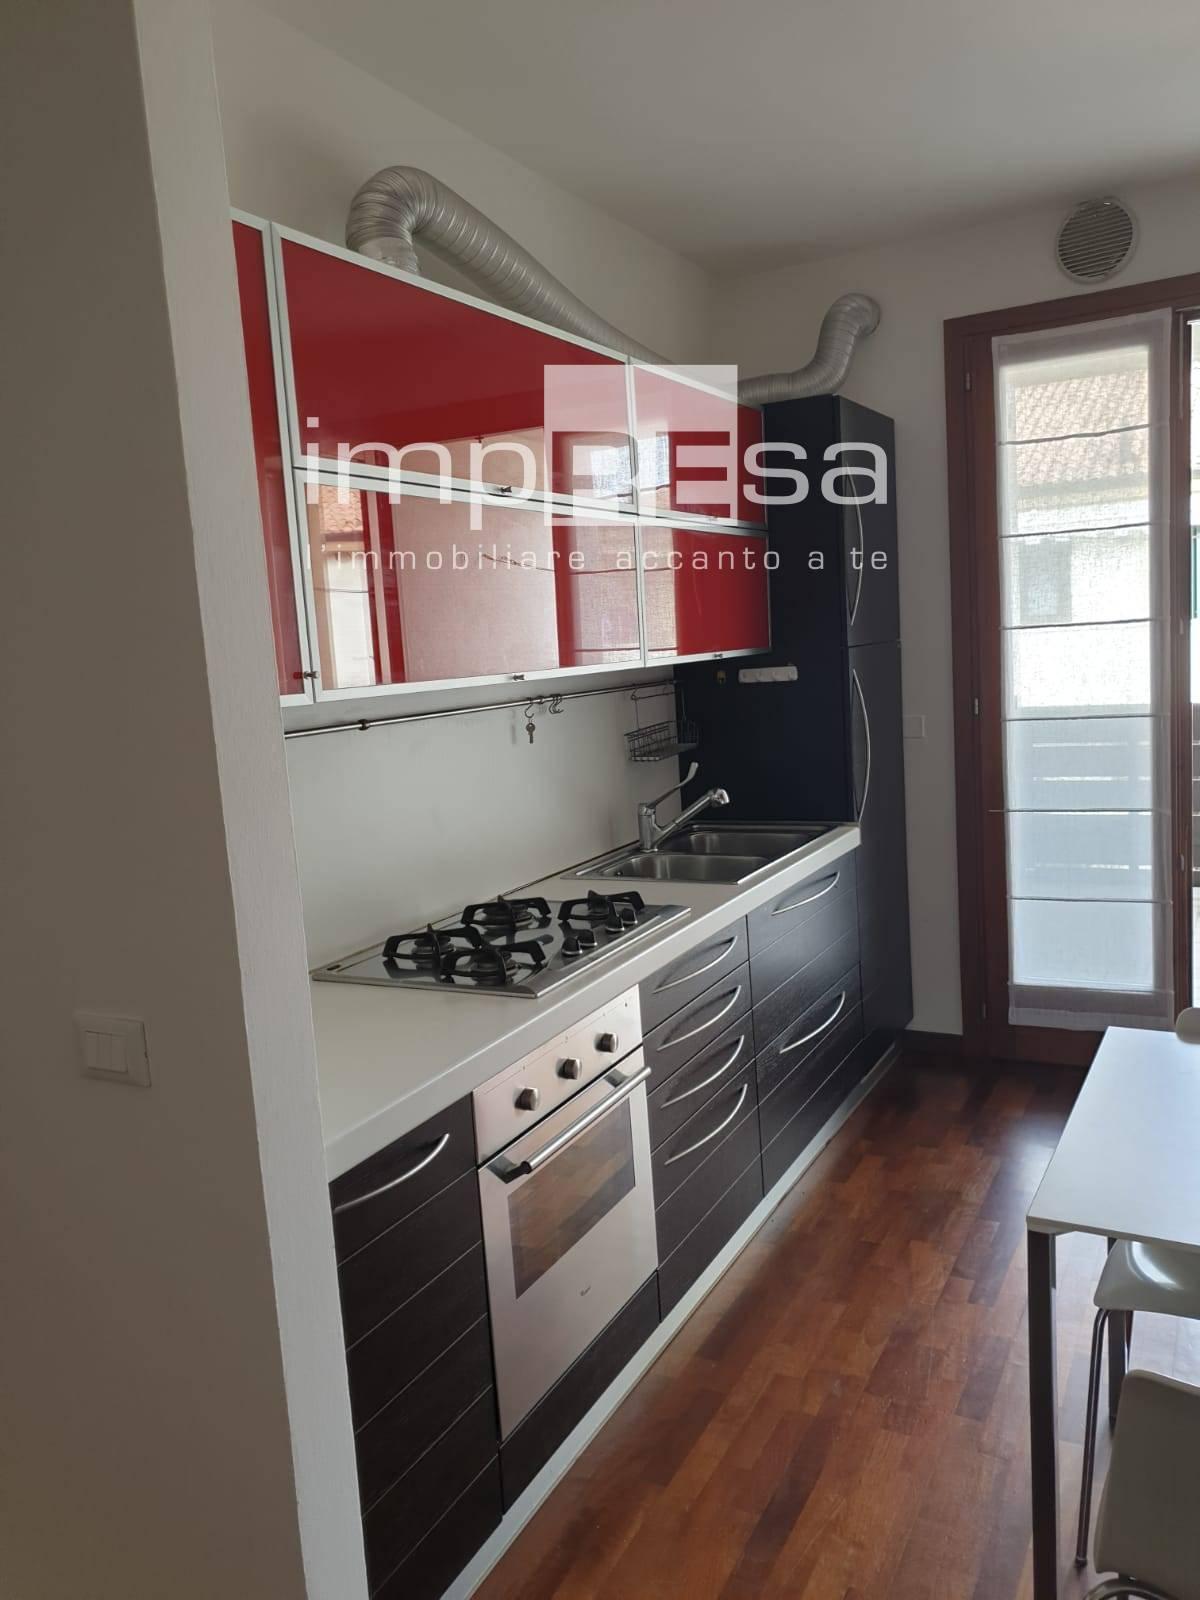 Appartamento in vendita a San Biagio di Callalta, 2 locali, zona Località: Olmi, prezzo € 105.000   CambioCasa.it